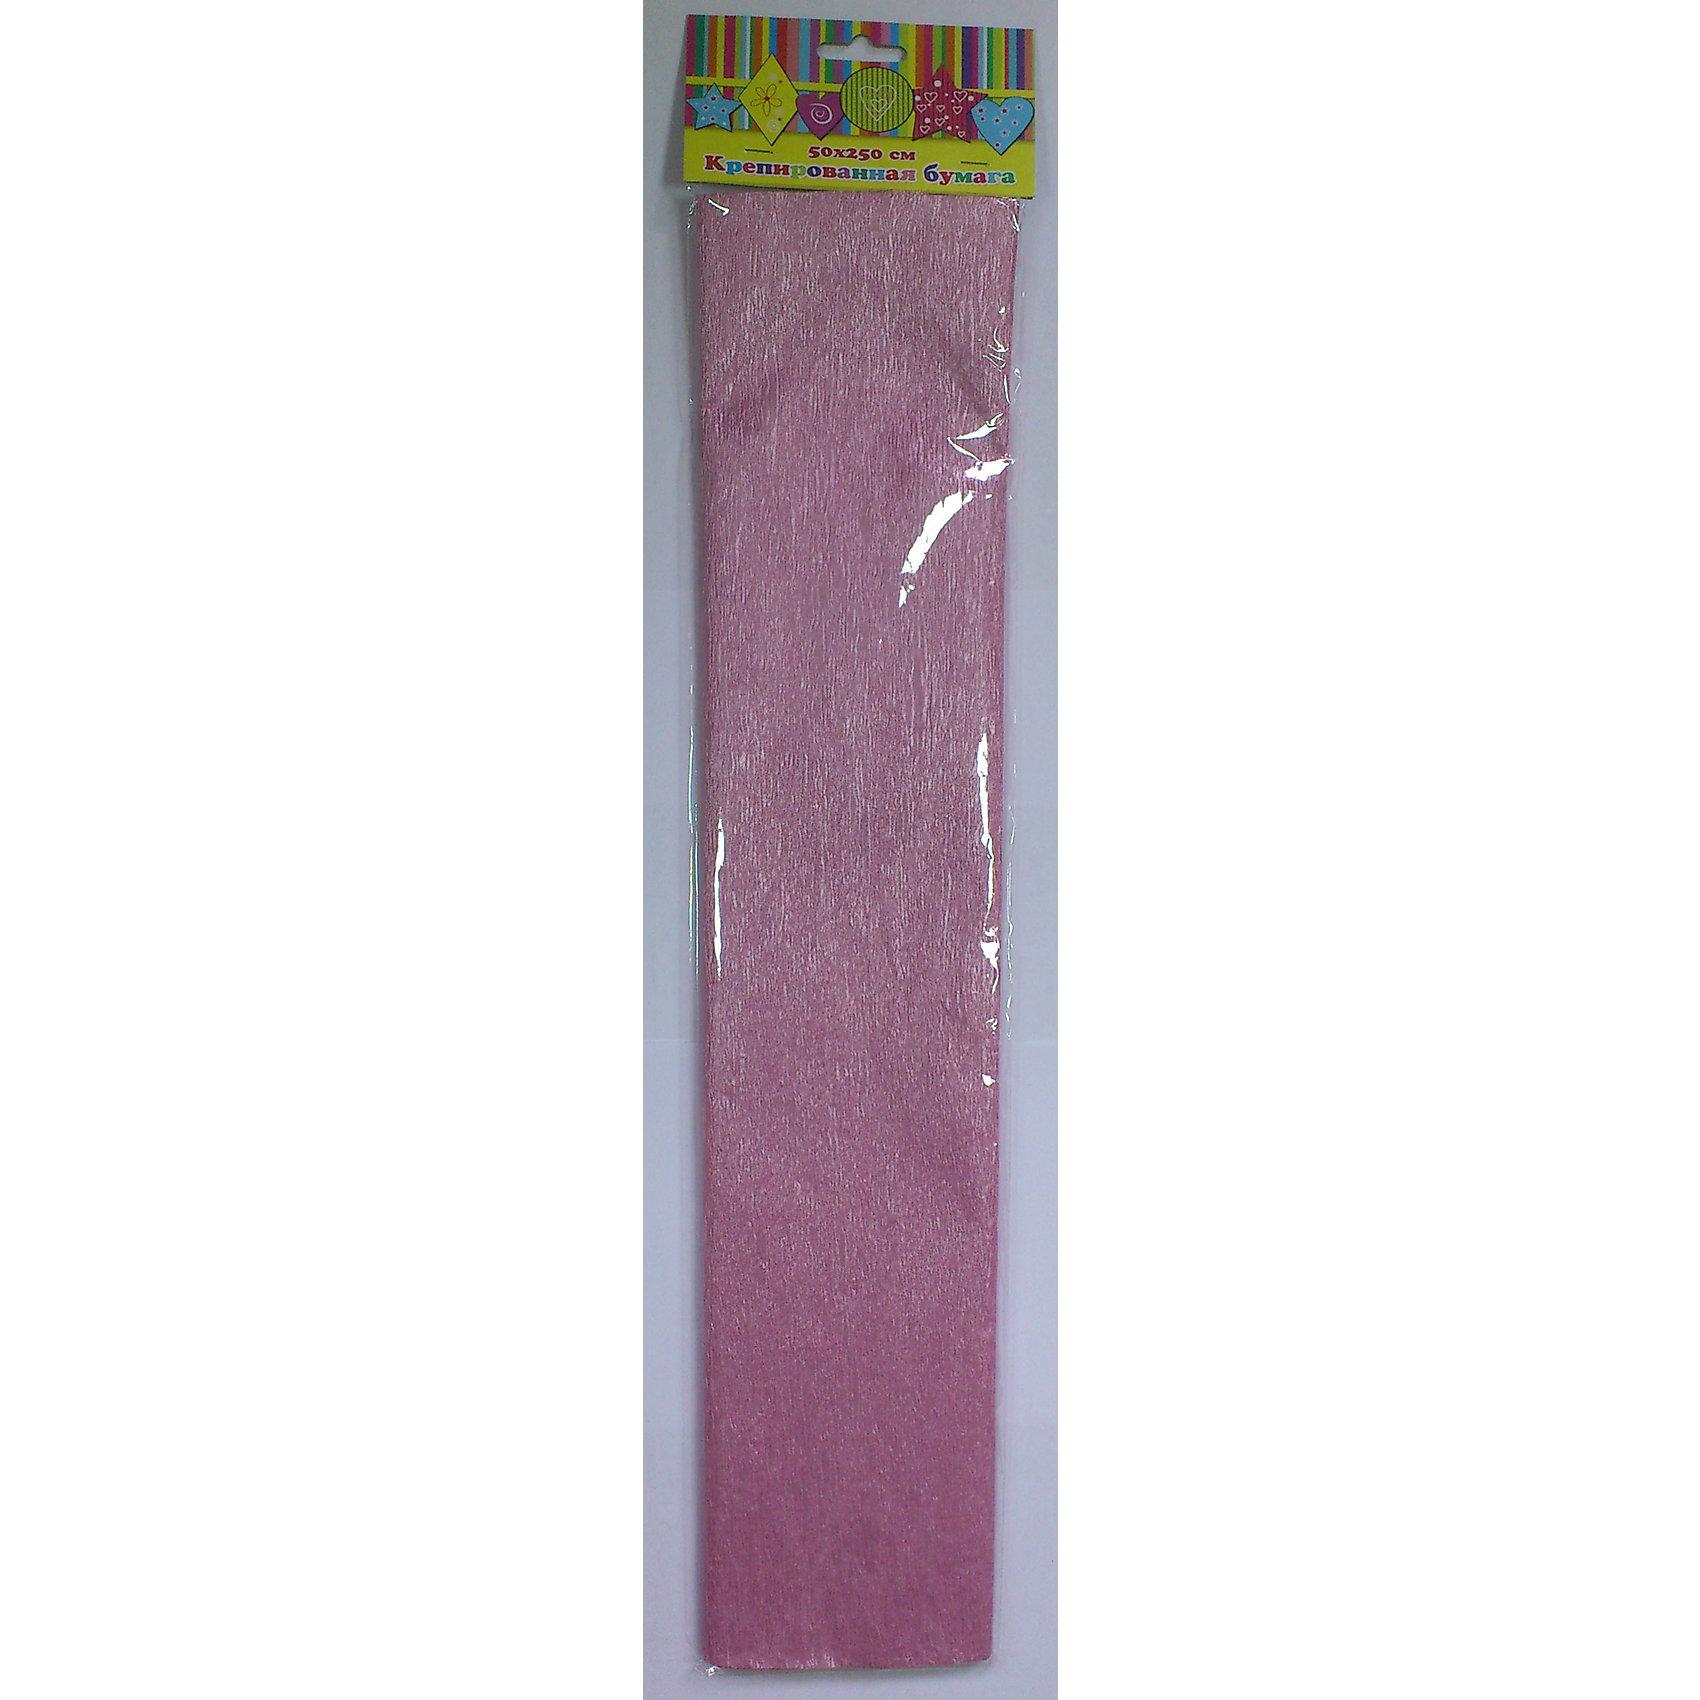 Бумага розовая перламутровая крепированнаяИзумительная крепированная бумага розового с перламутровым цвета, из нее Ваш малыш сможет сделать множество ярких цветов или другие поделки.<br><br>Дополнительная информация:<br><br>- Возраст: от 3 лет.<br>- 1 лист.<br>- Цвет: розовая с перламутром.<br>- Материал: бумага.<br>- Размеры: 50х250 см.<br>- Размер упаковки: 51х11х0,2 см.<br>- Вес в упаковке: 35 г. <br><br>Купить крепированную эластичную бумагу в розовом с перламутровым цвете, можно в нашем магазине.<br><br>Ширина мм: 510<br>Глубина мм: 110<br>Высота мм: 2<br>Вес г: 35<br>Возраст от месяцев: 36<br>Возраст до месяцев: 2147483647<br>Пол: Унисекс<br>Возраст: Детский<br>SKU: 4943509